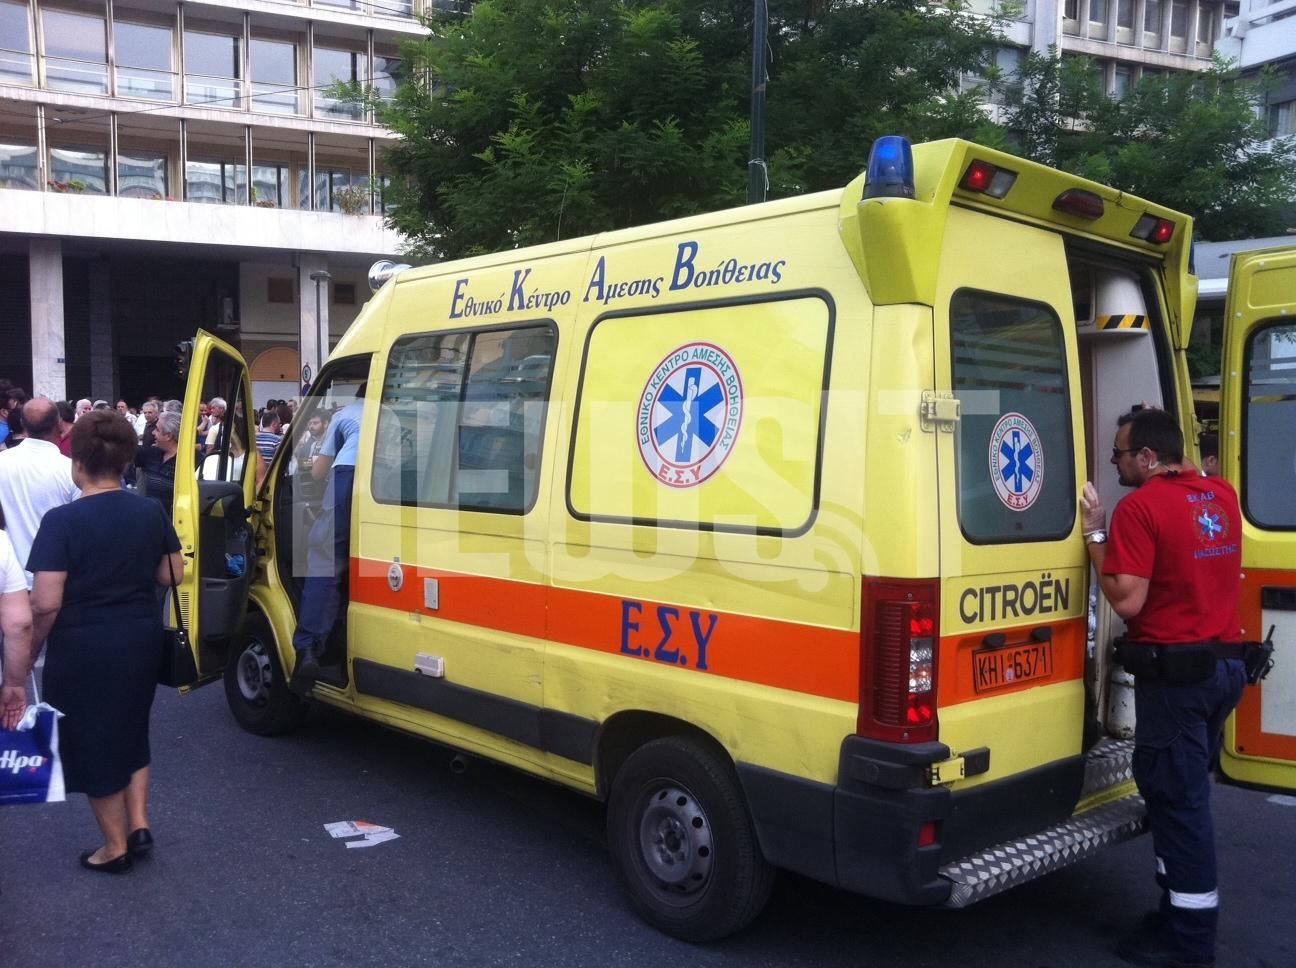 Ασθενοφόρο του ΕΚΑΒ έξω απο το υπουργείο Οικονομικών